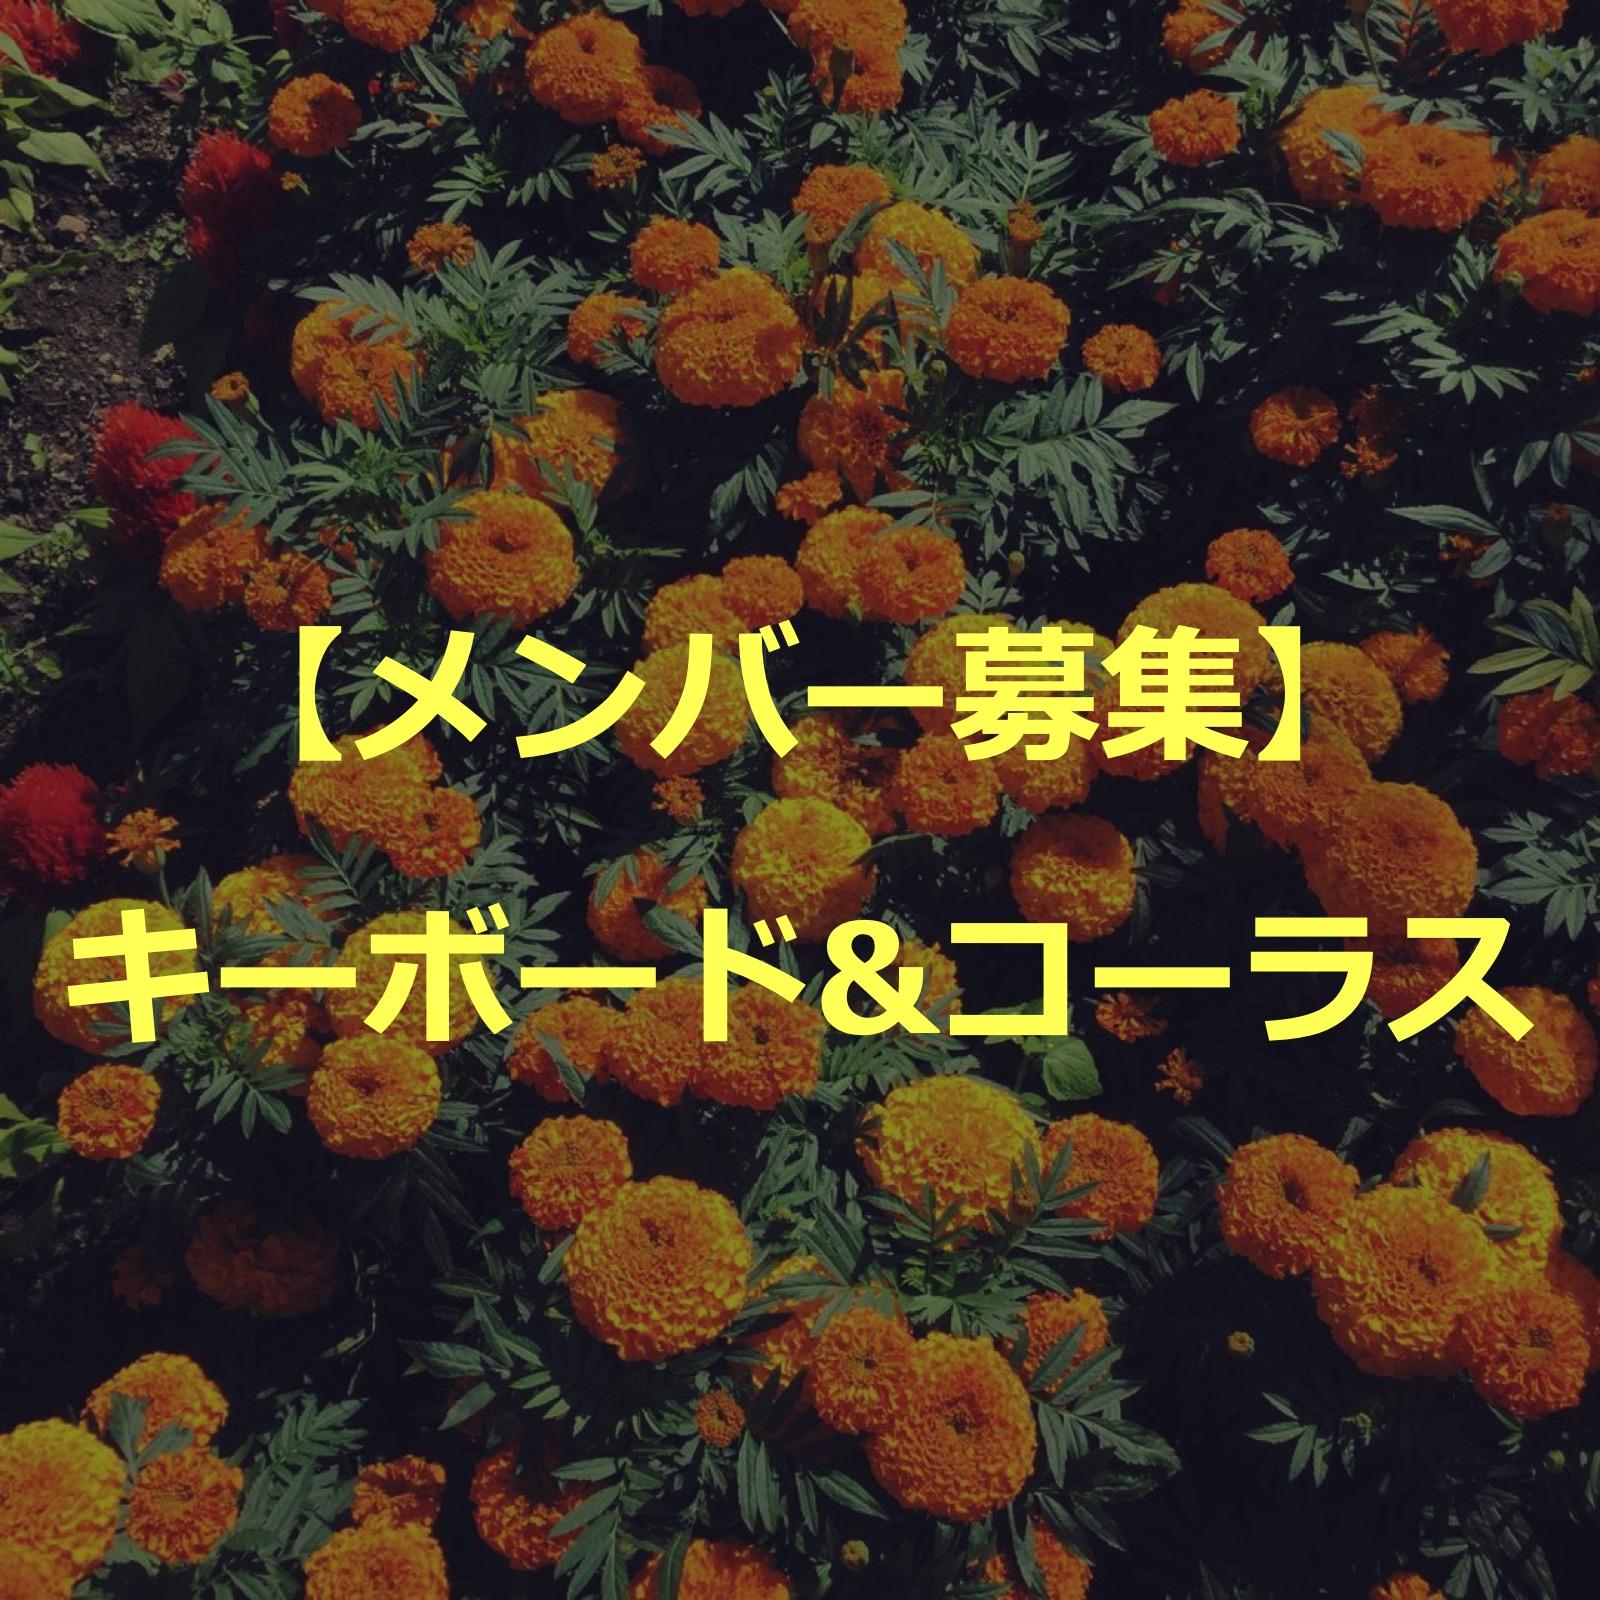 【メンバー募集】キーボード&コーラス